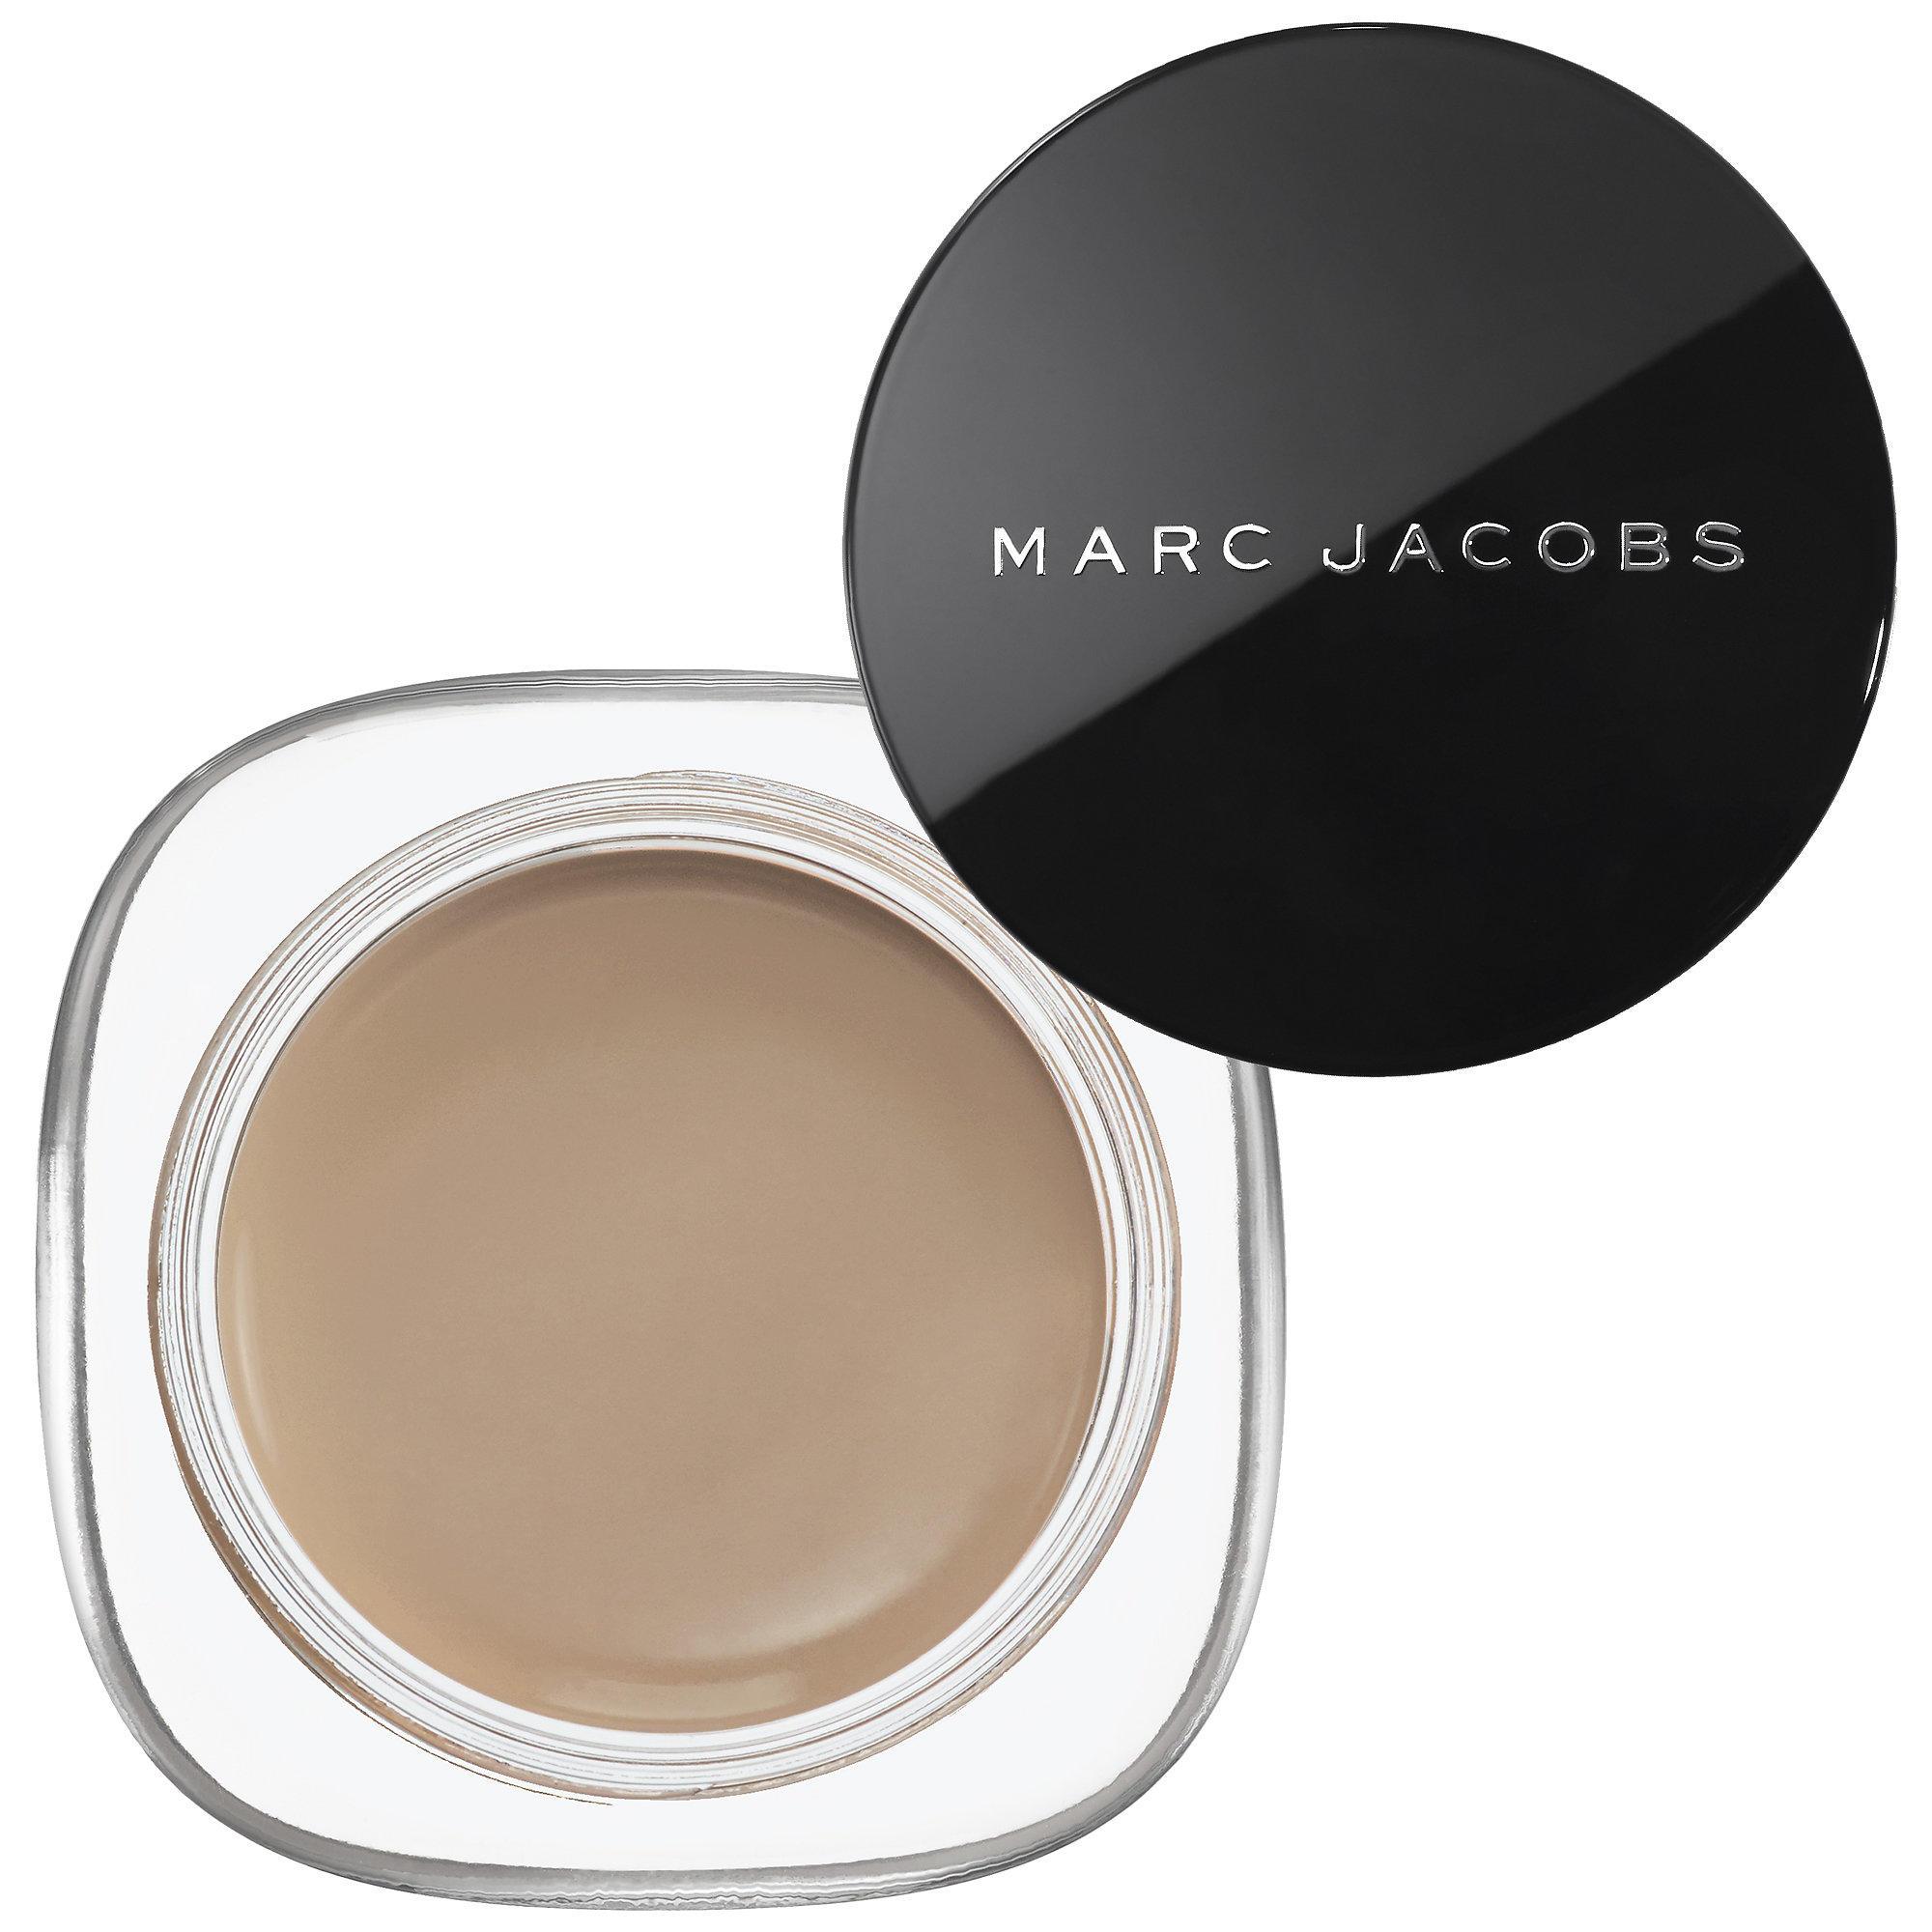 Marc Jacobs Marvelous Mousse Foundation Beige Deep 38